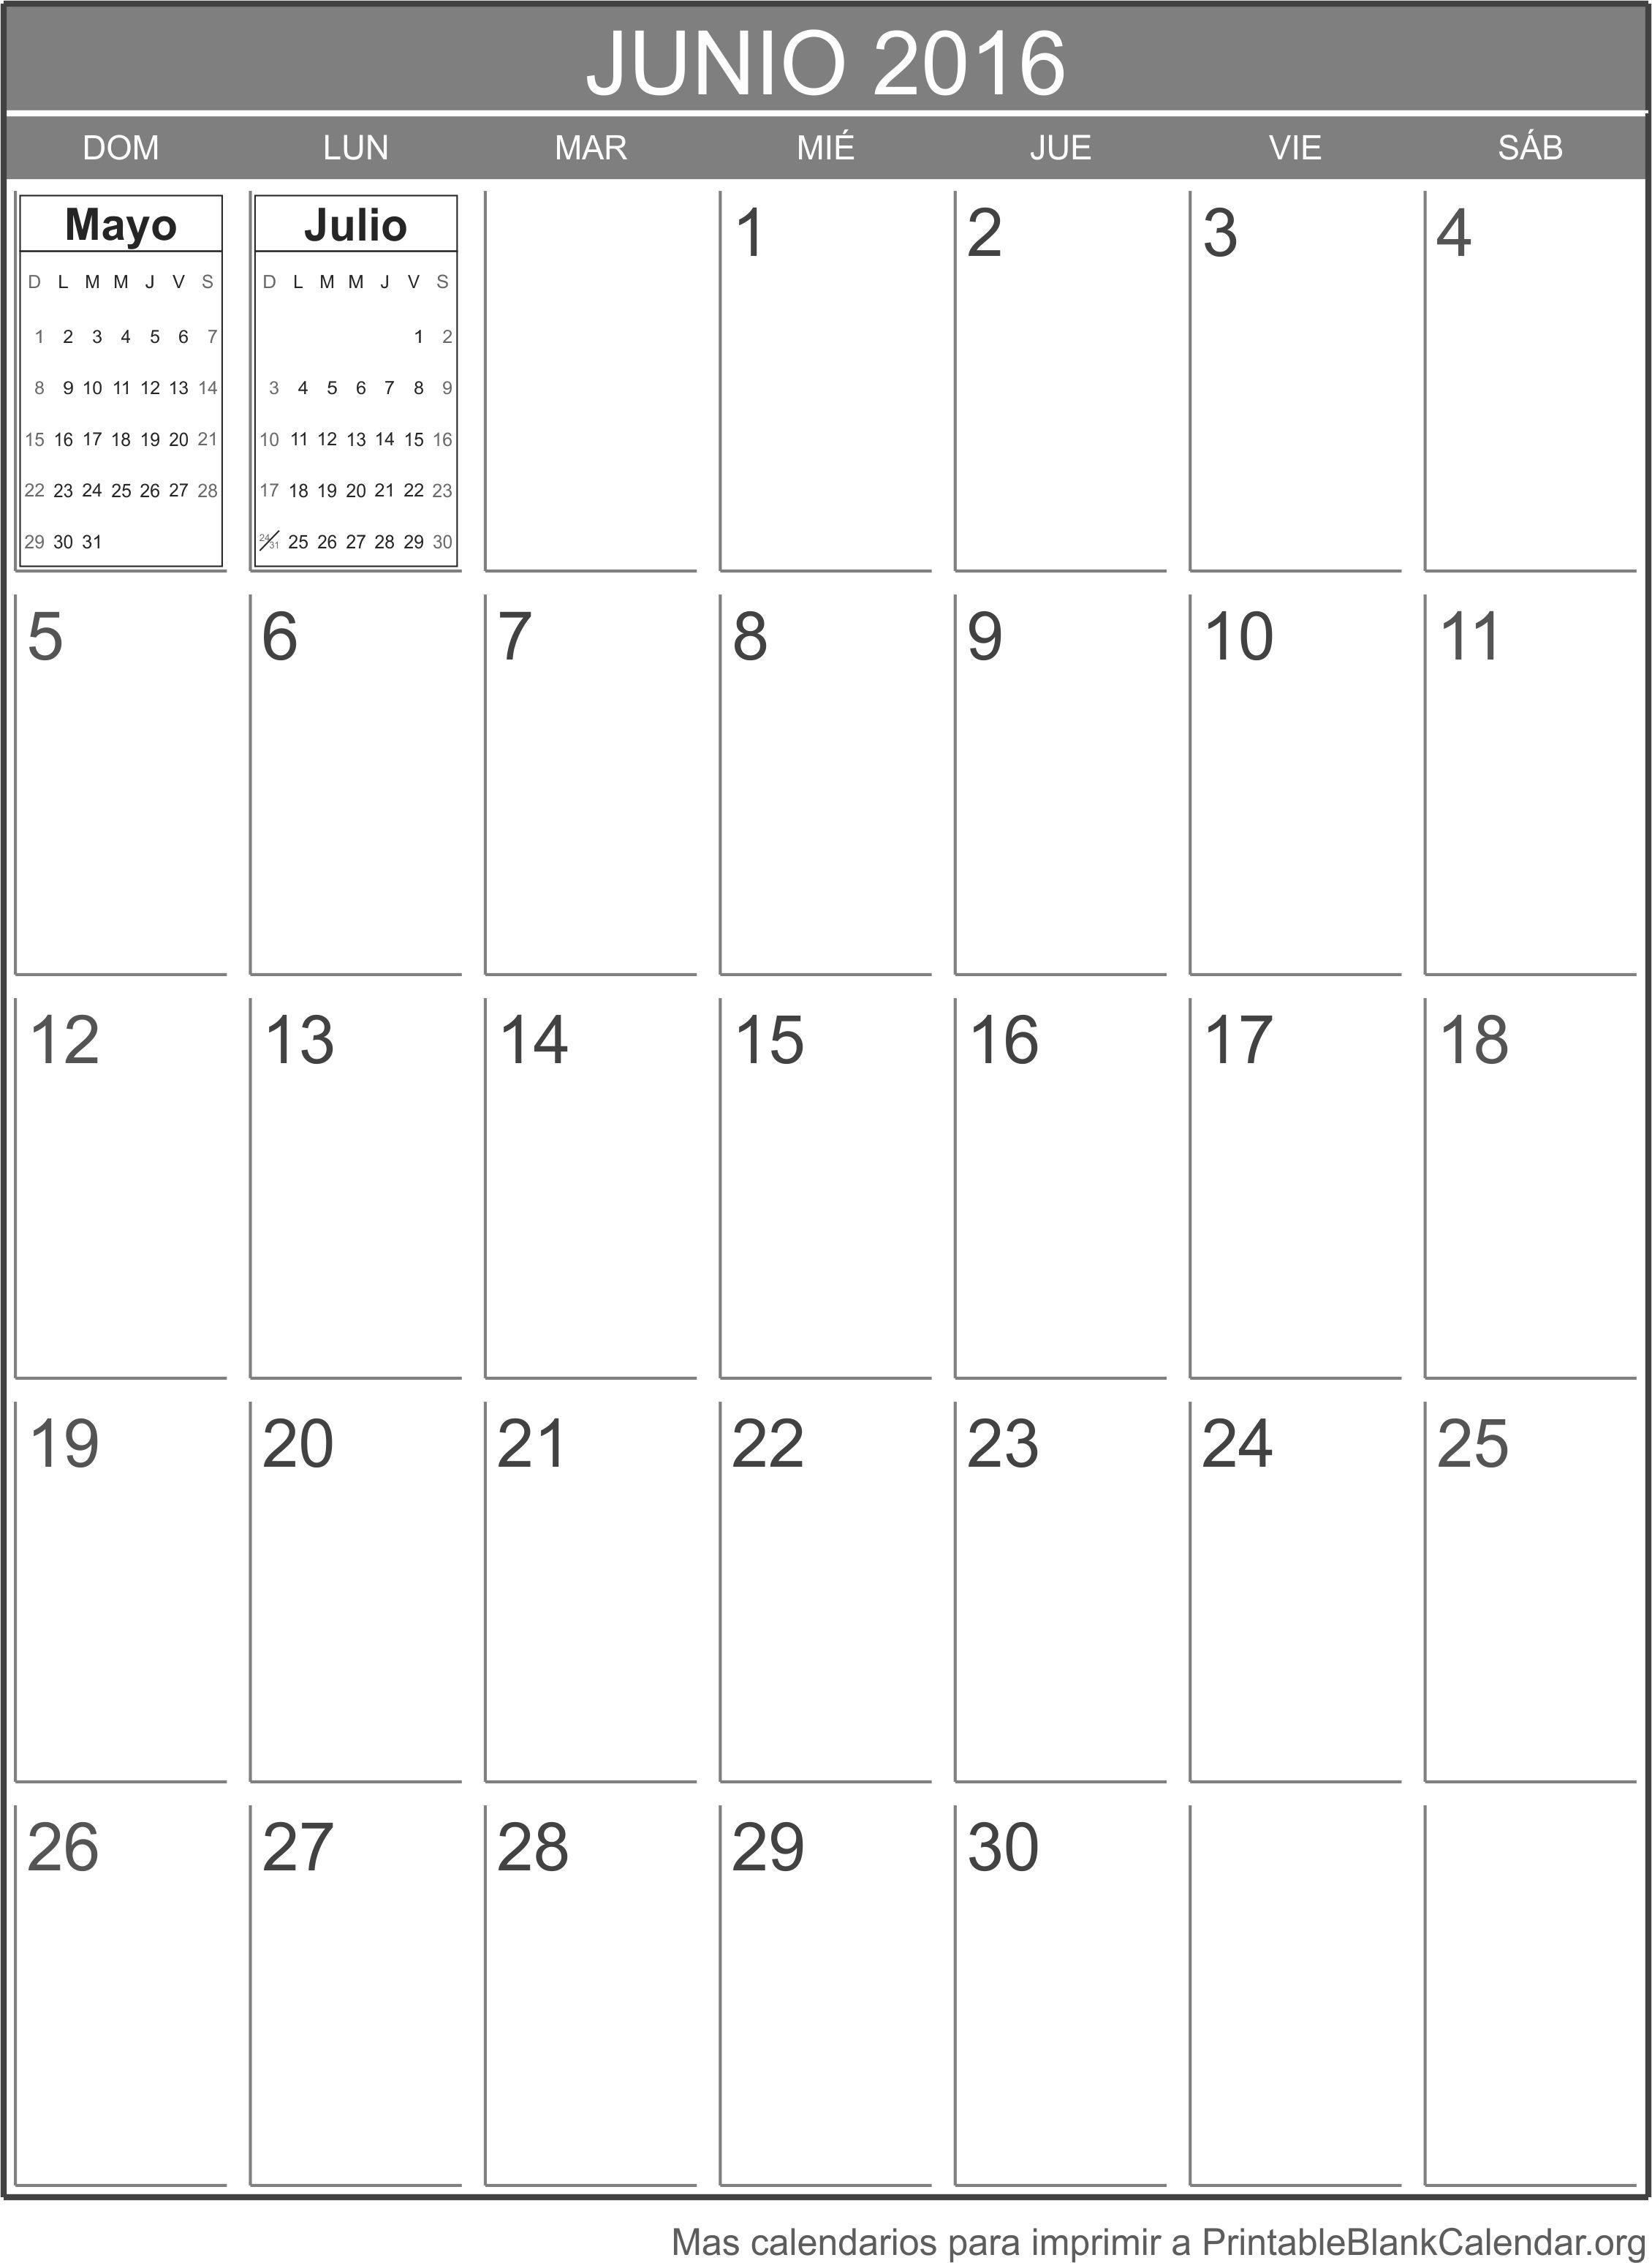 Junio 2016 calendario